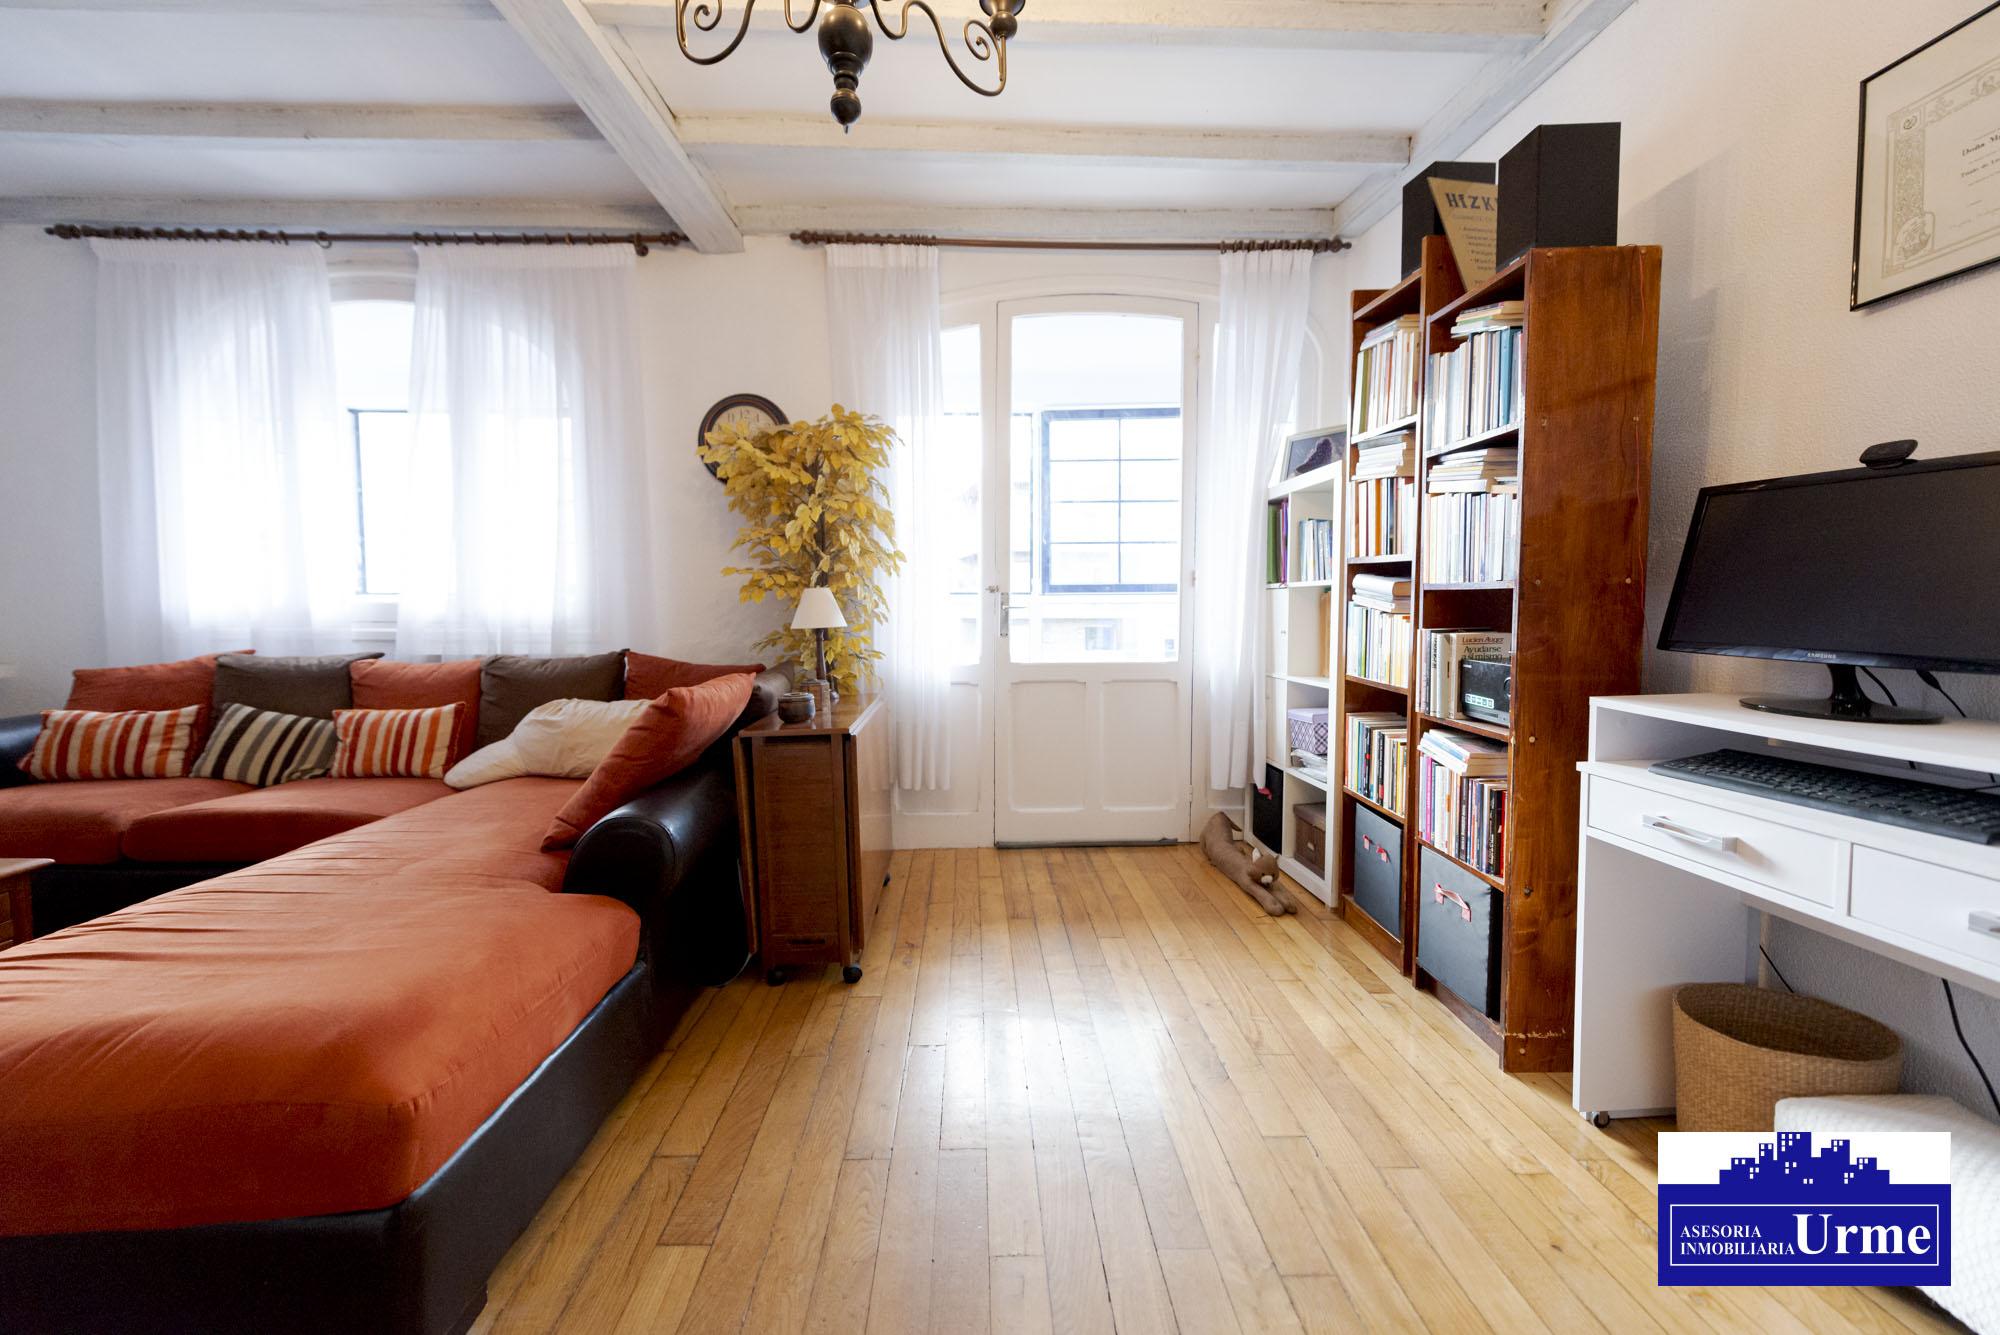 Vivienda de época,con alma,en el centro de Irun!100m2,gran salon, chimenea,salida galeria,2 habitaciones, cocina y baño.Te gustara!